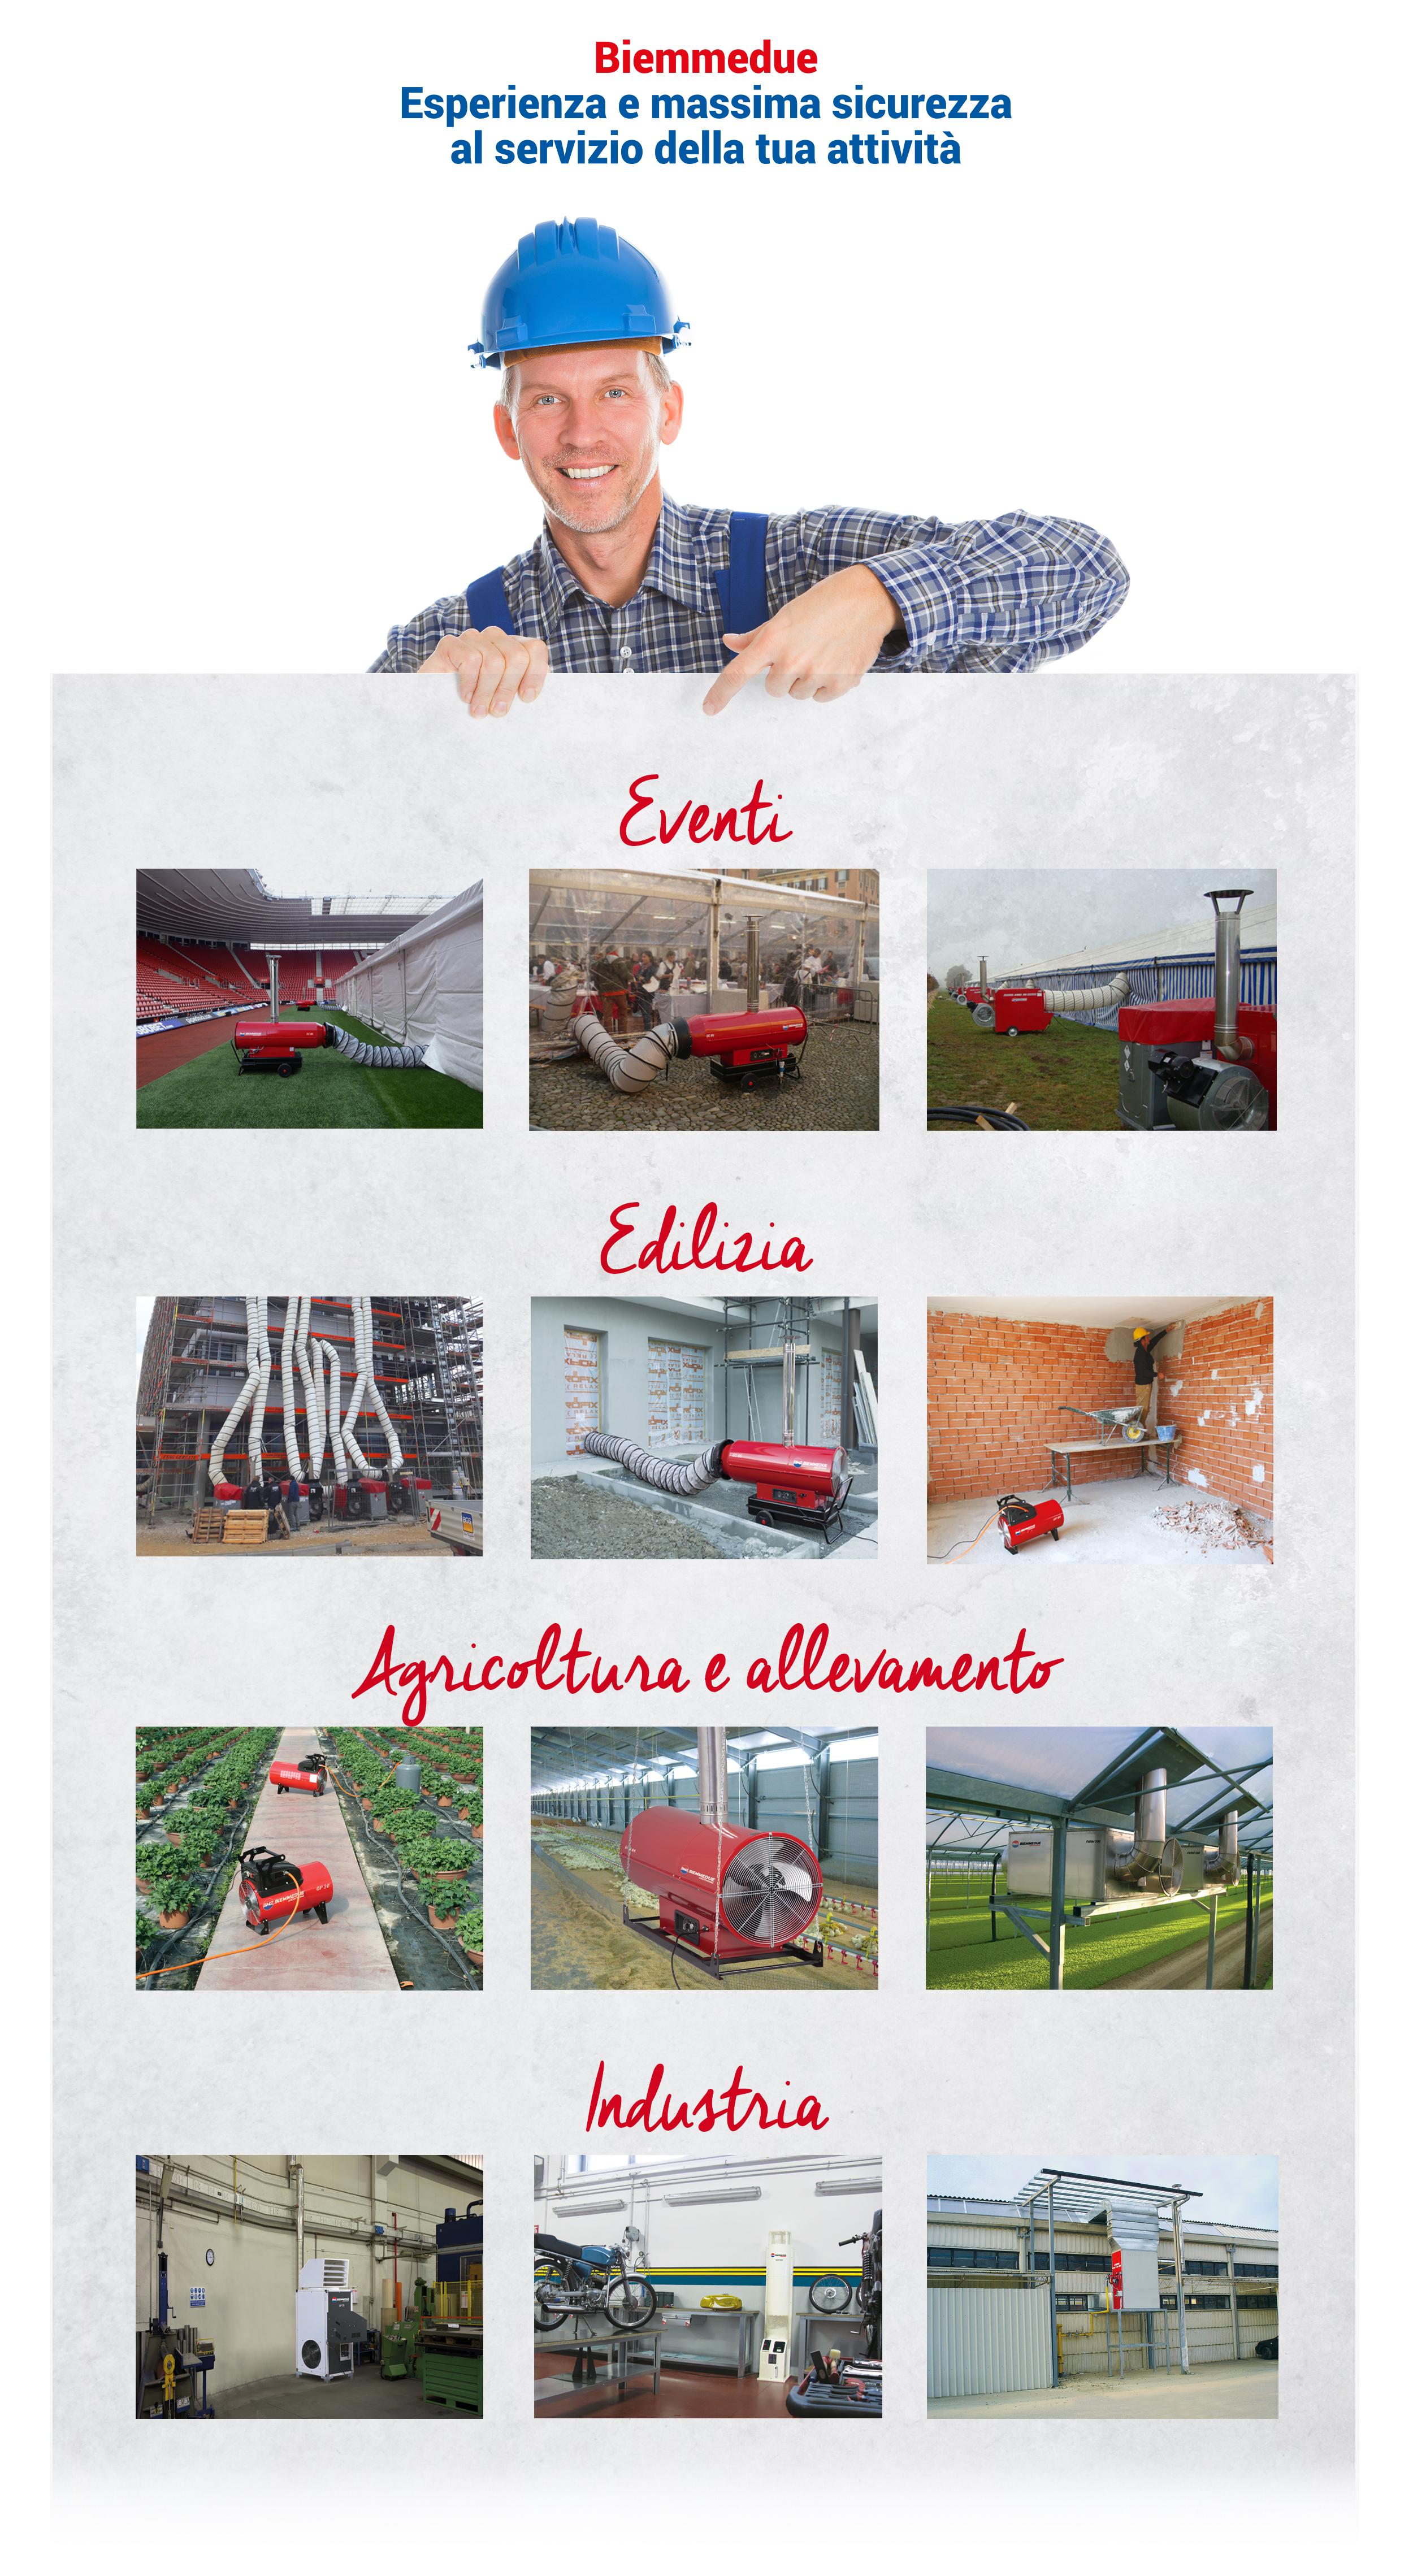 noleggio generatori d'aria calda biemmedue italia made in italy noleggio attrezzature professionali riscaldamento